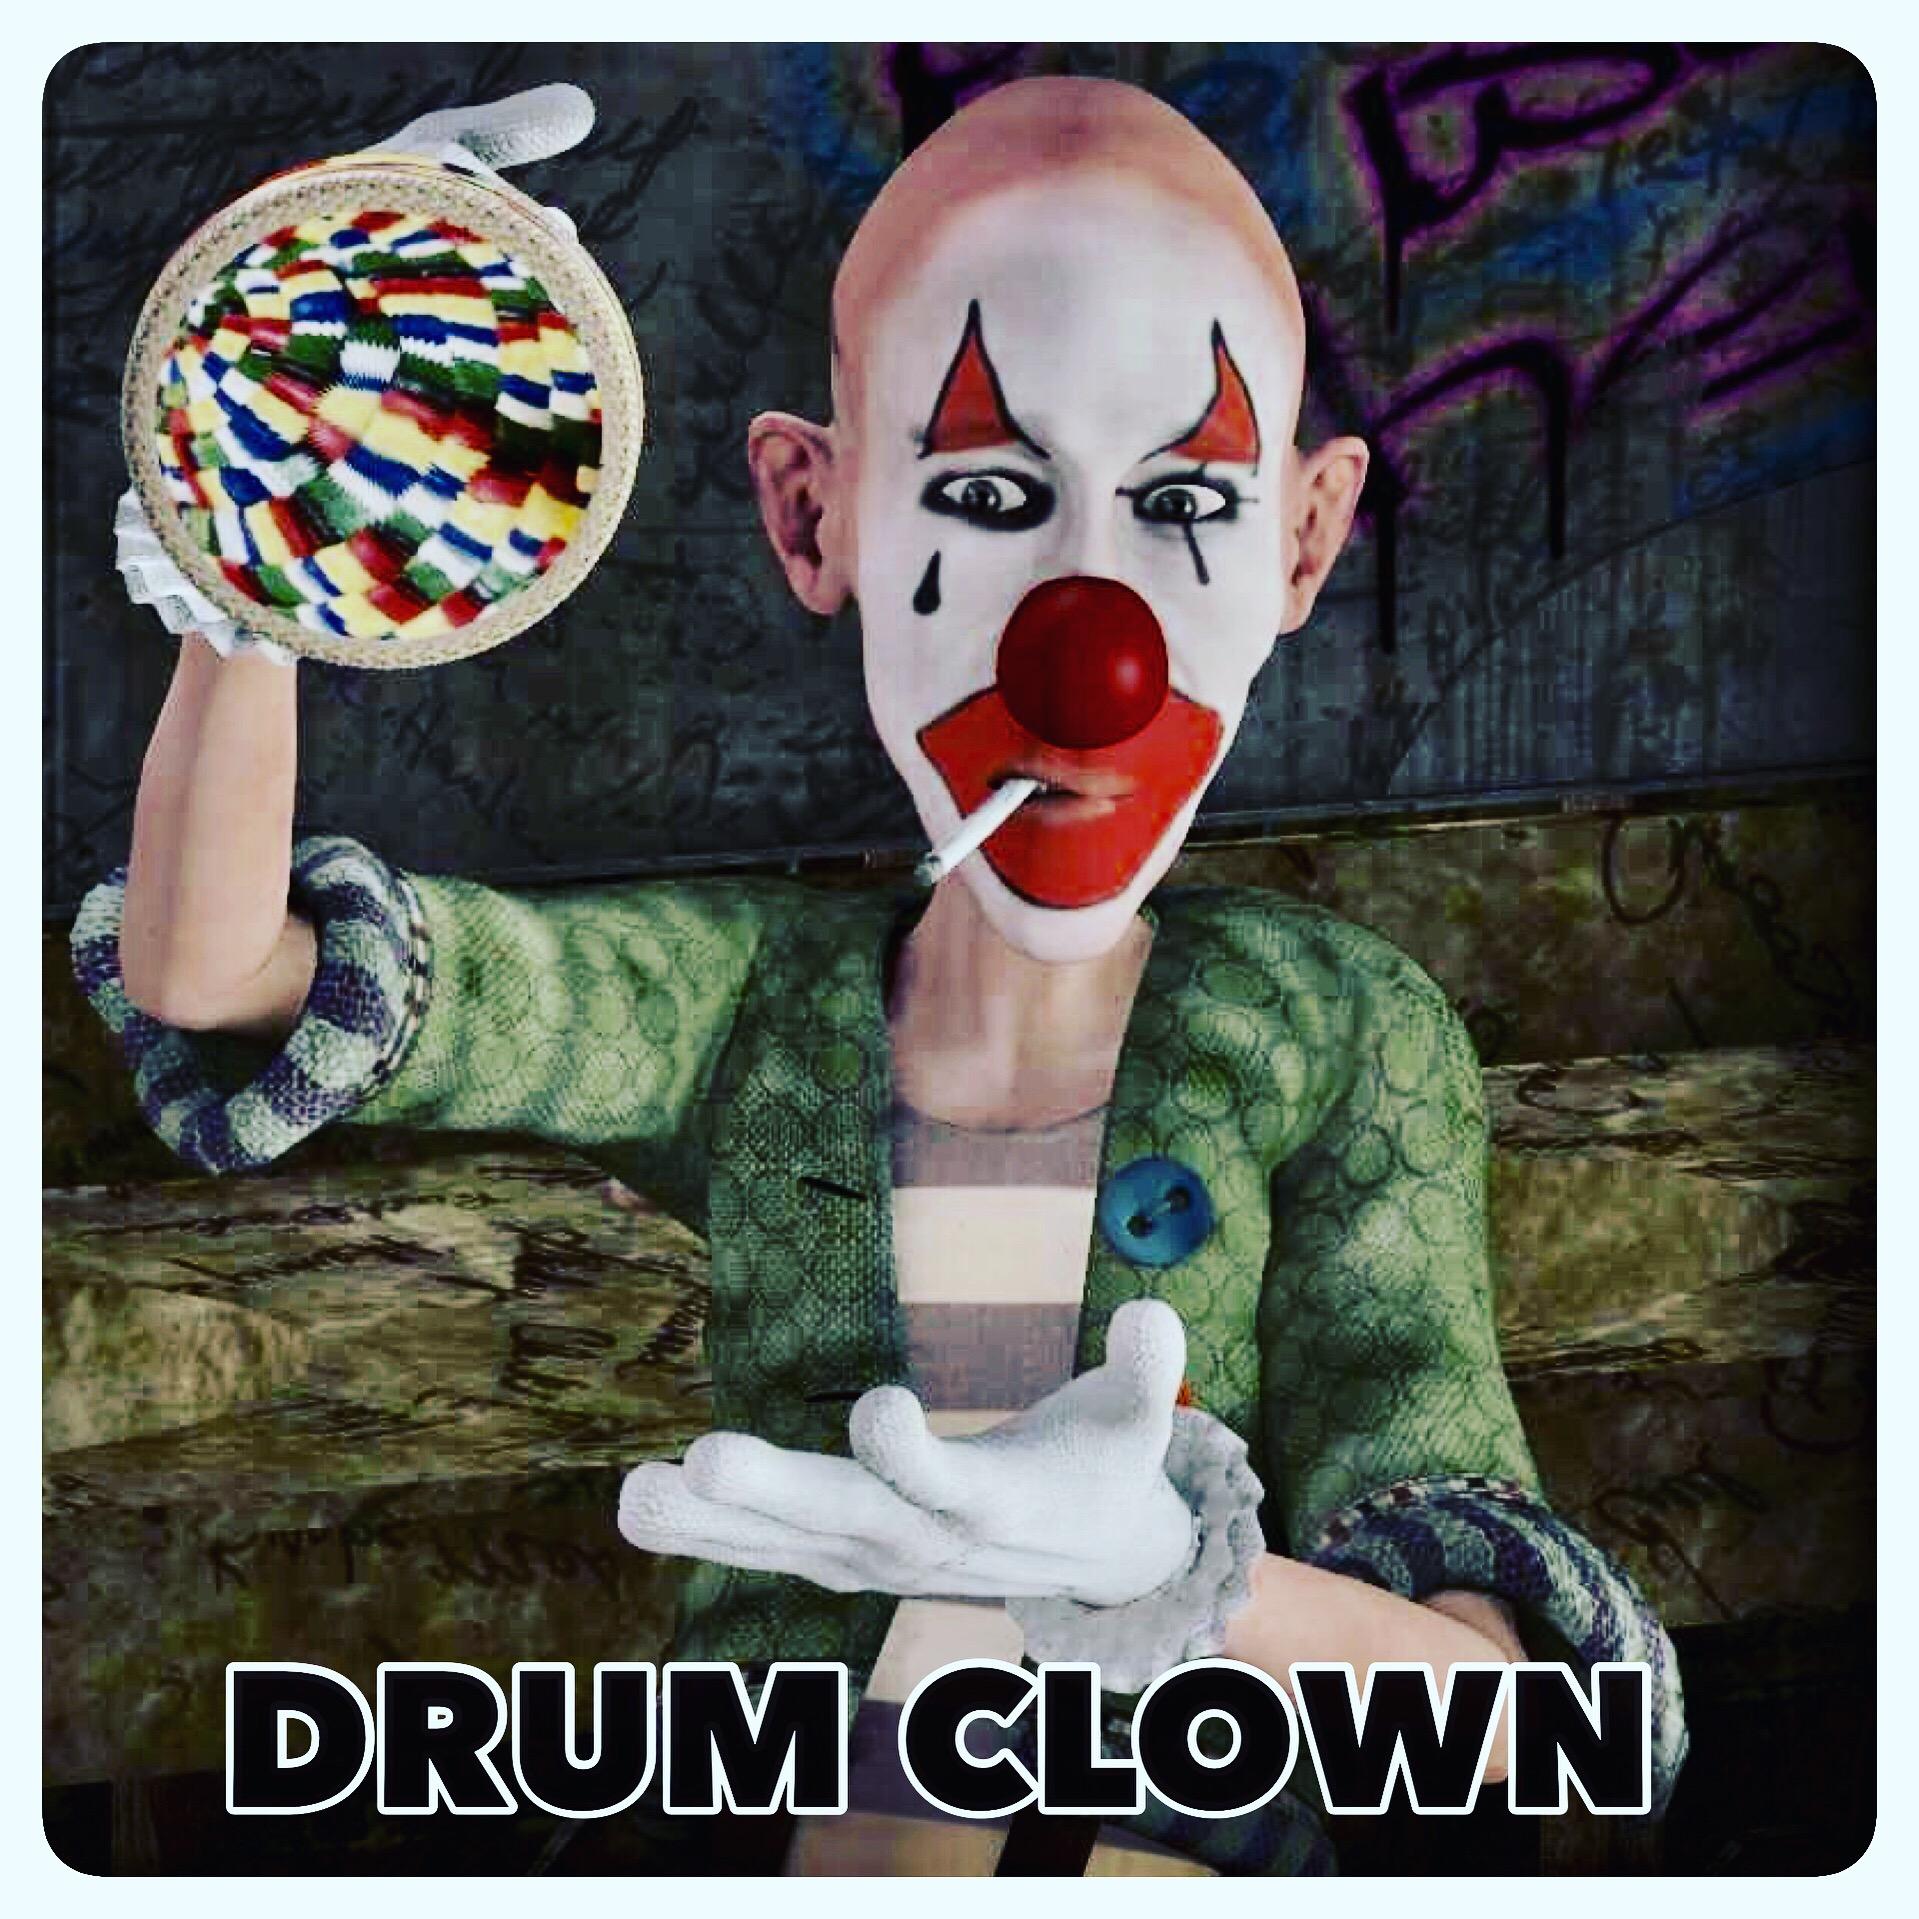 Drum Clown